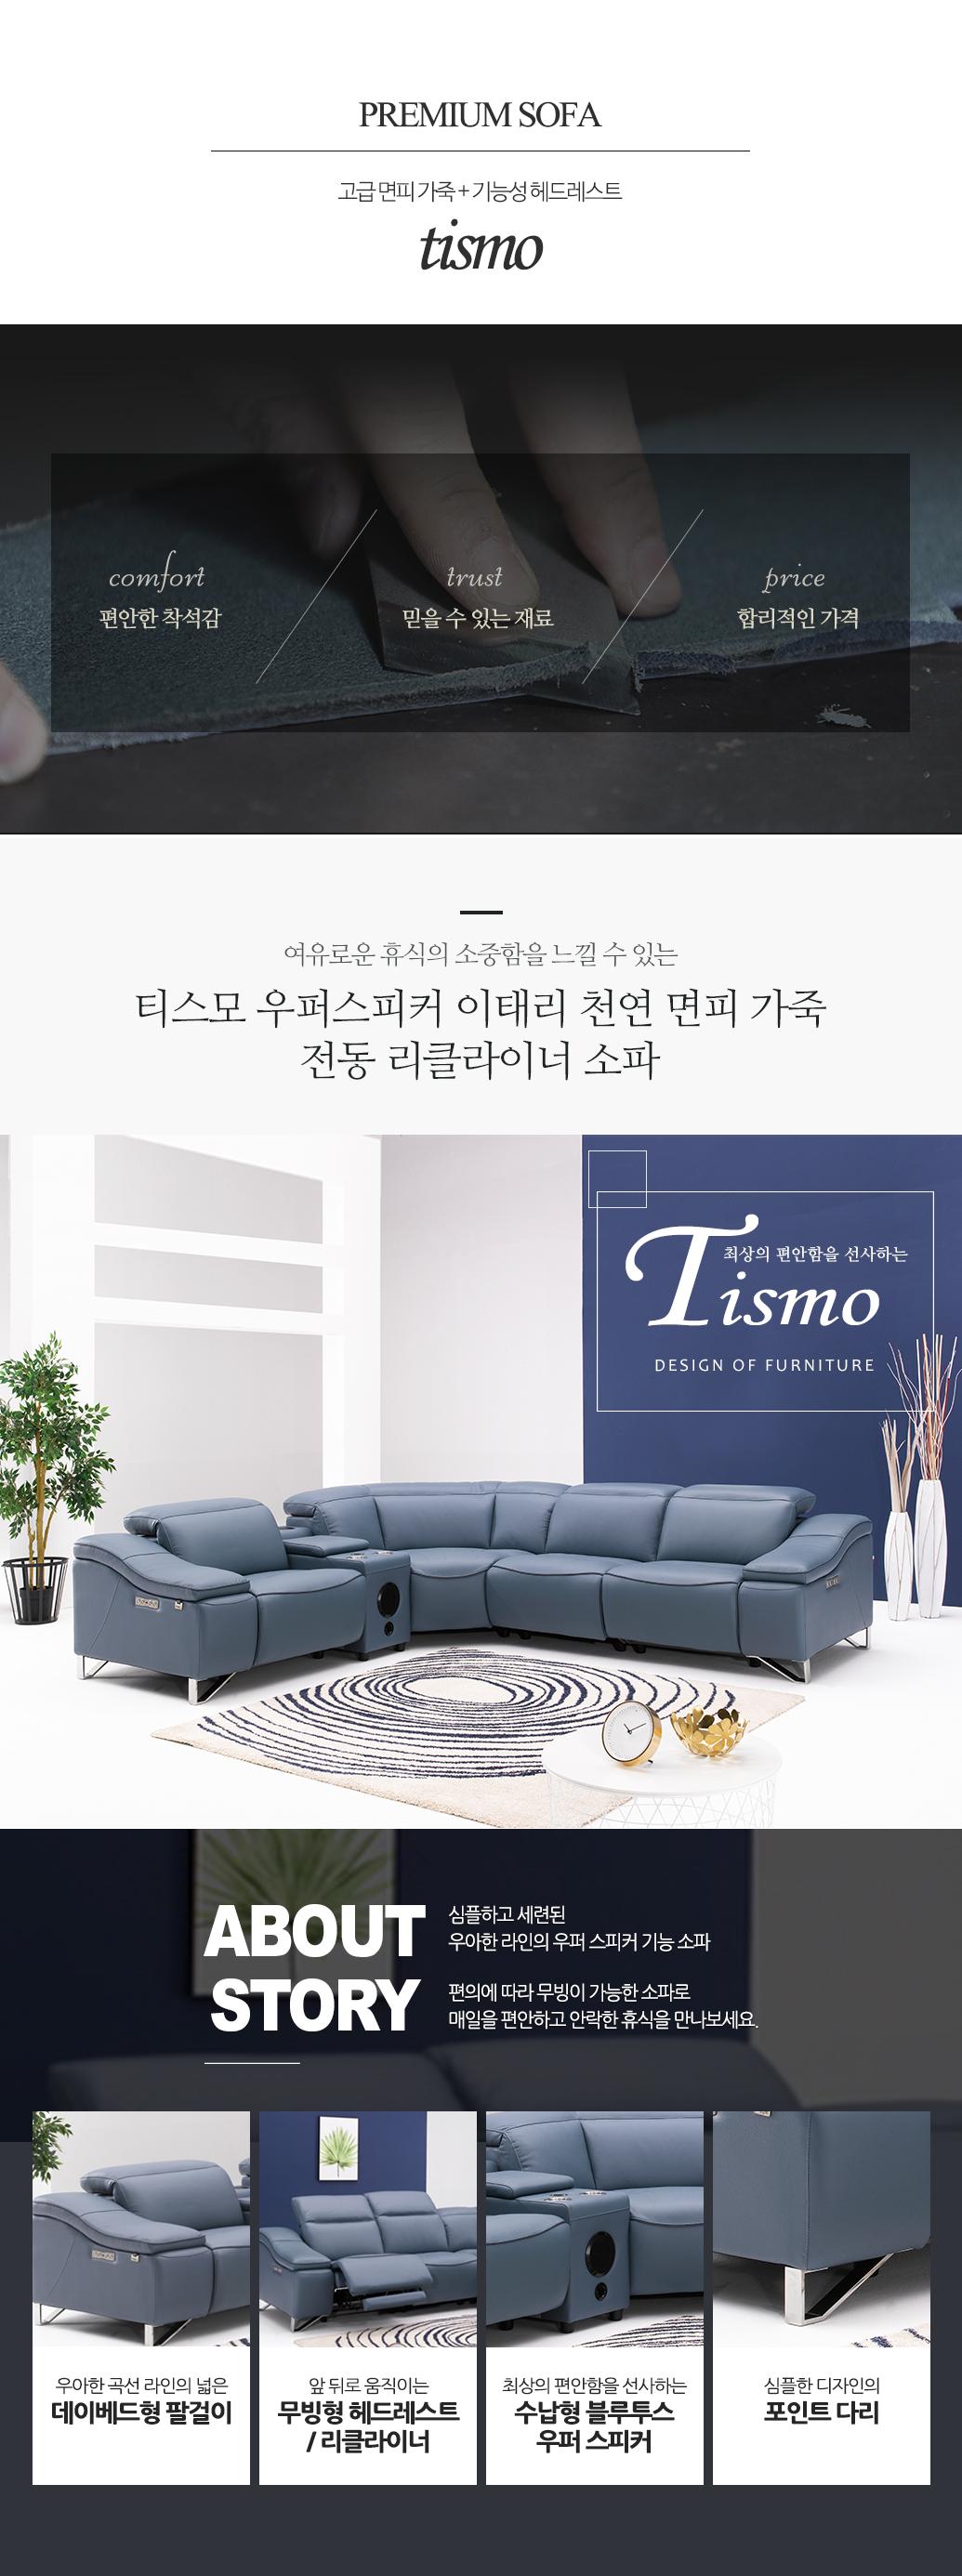 tismo_01.jpg